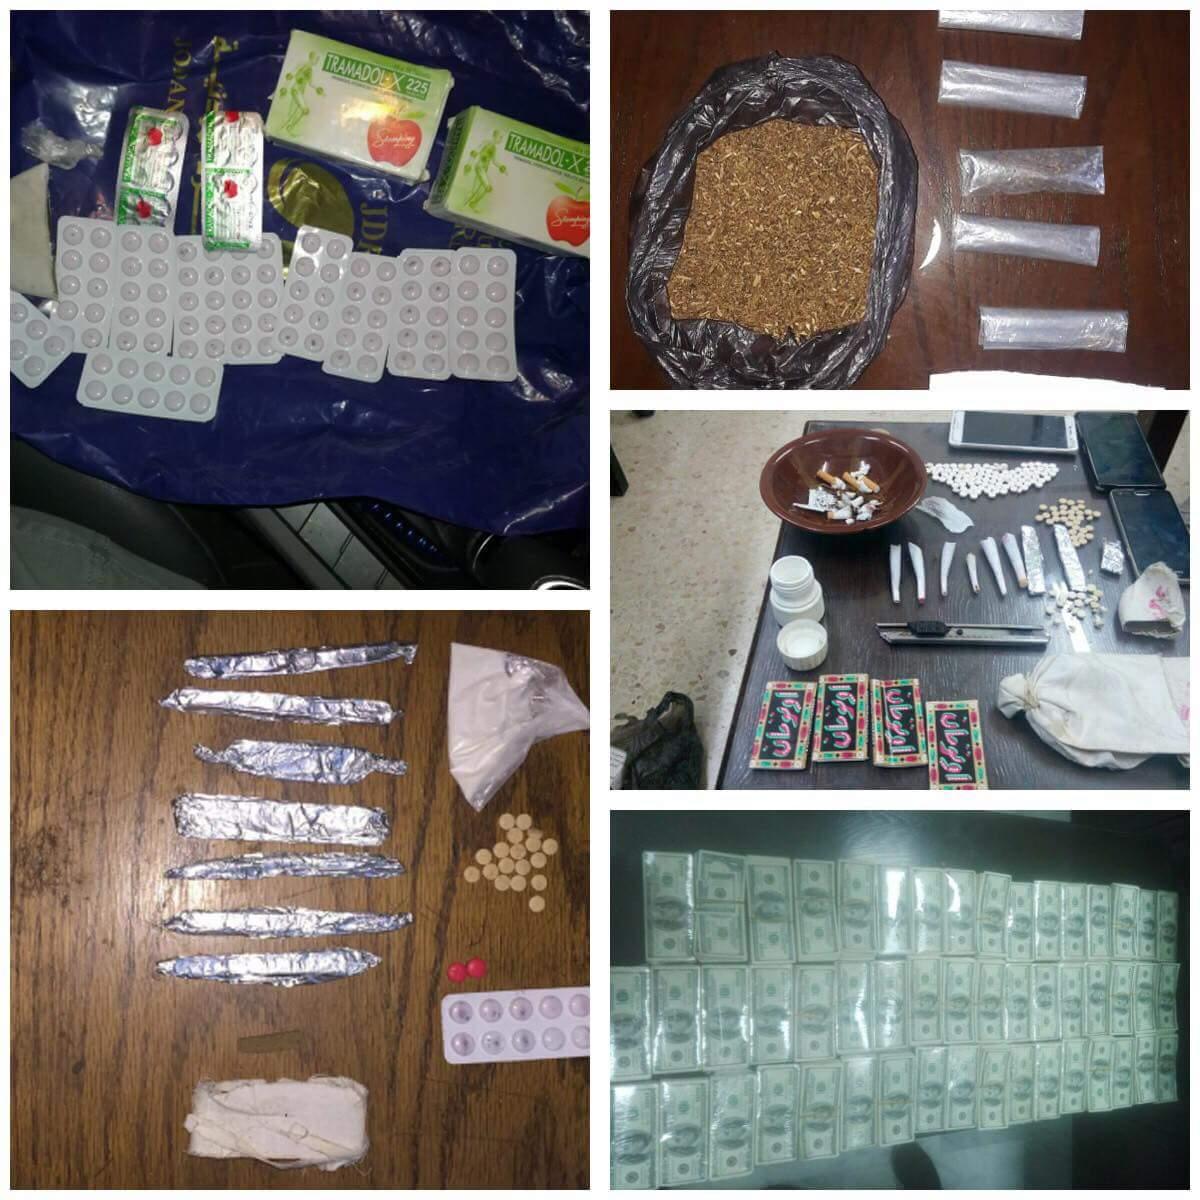 ادارة مكافحة المخدرات تواصل حملاتها على مروجي المواد المخدرة ، وتضبط خلال الايام الماضية 22 شخصا خلال 16 قضية تم التعامل معها .